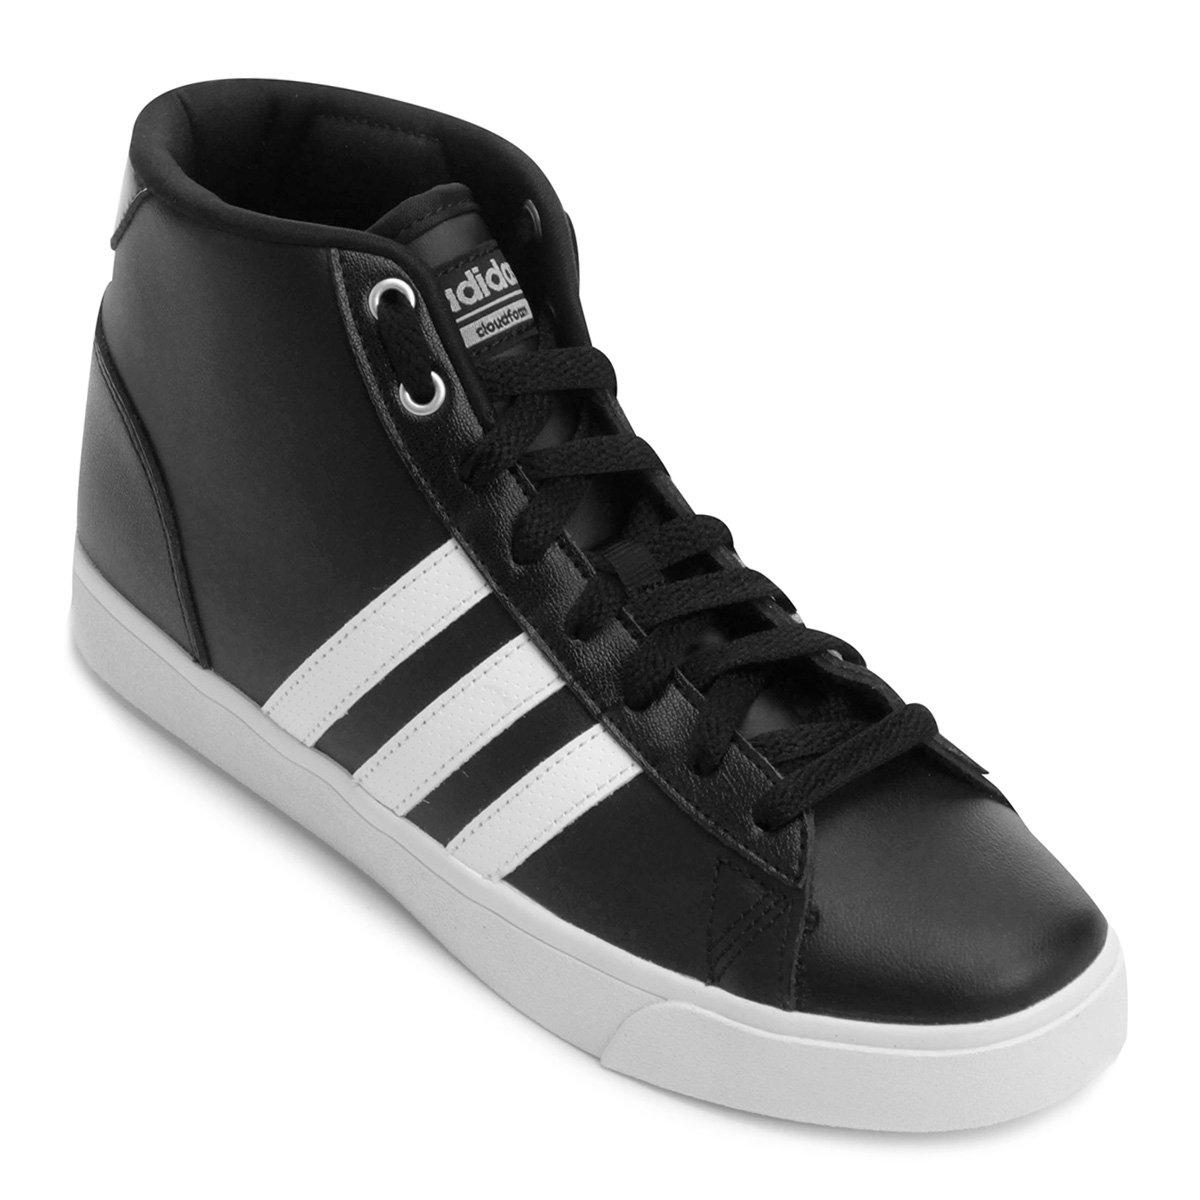 6ab5b4896f9 Tênis Adidas Cloudfoam Daily QT Feminino - Compre Agora